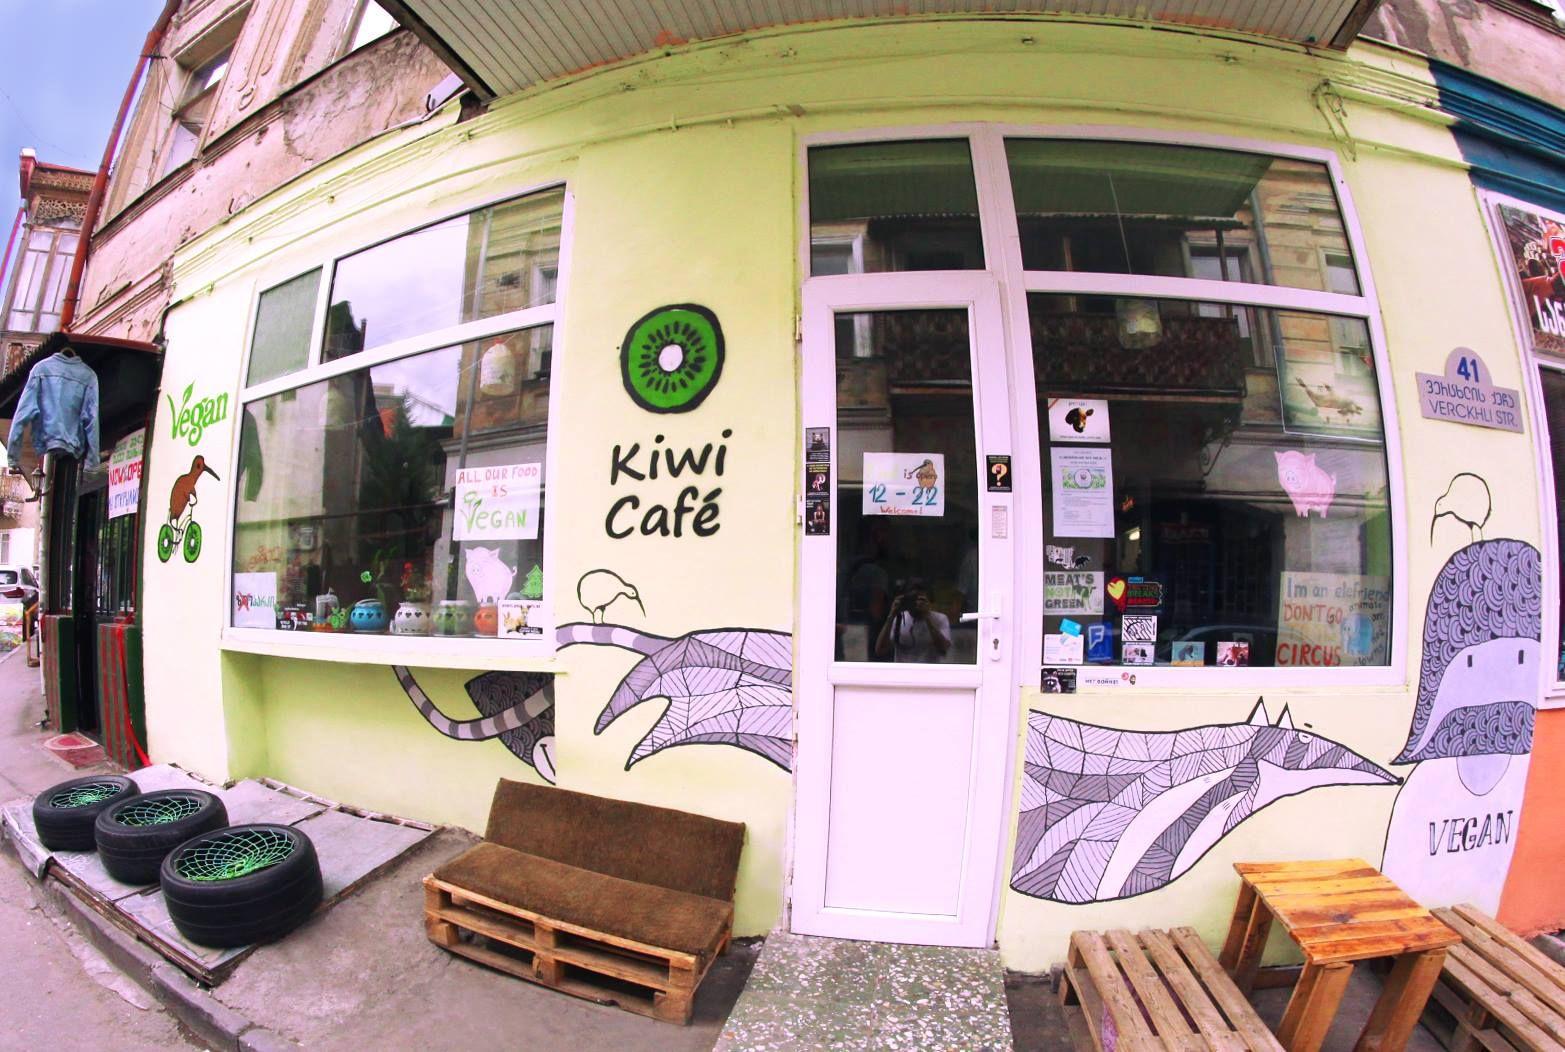 Kiwi Cafe